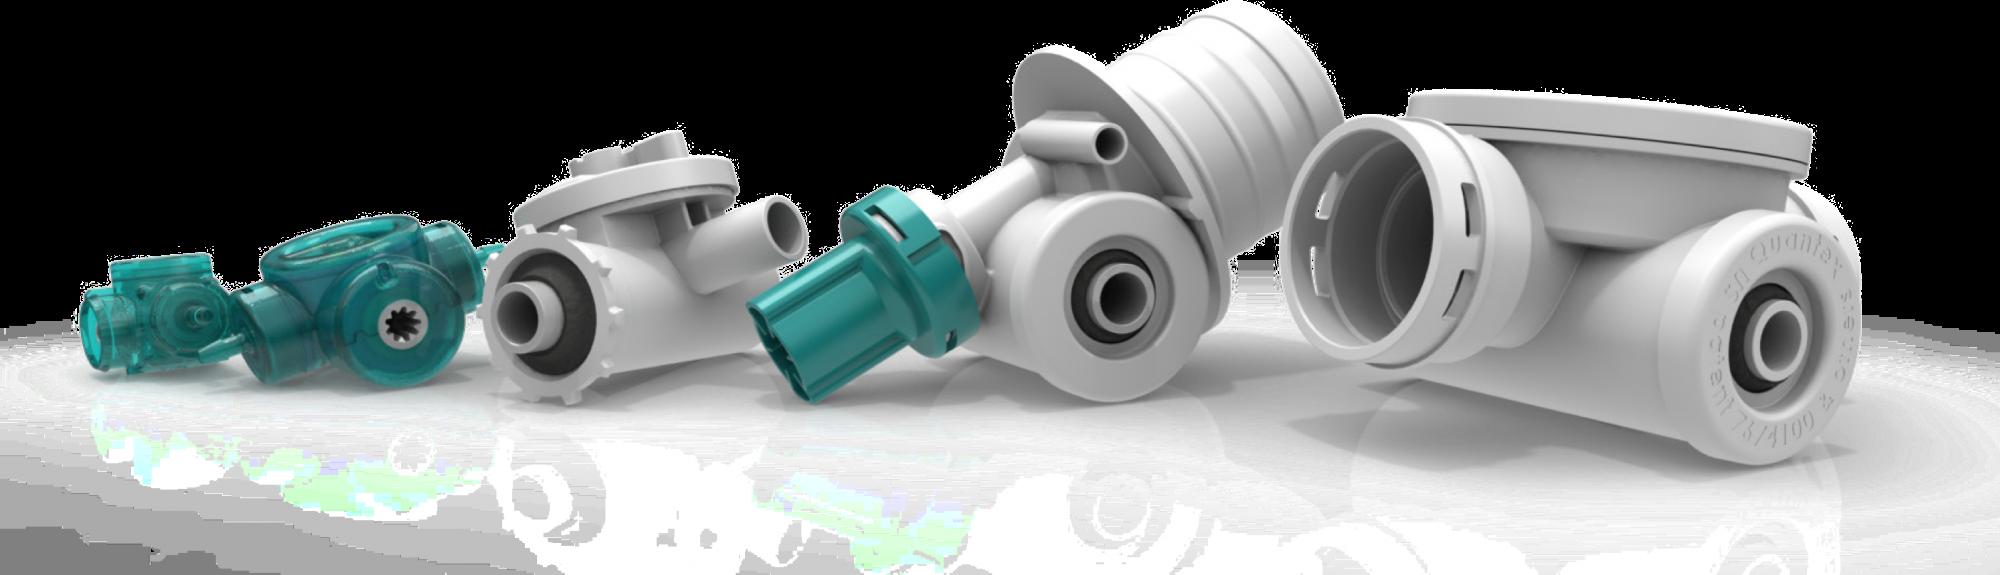 Quantex Arc complete pump range